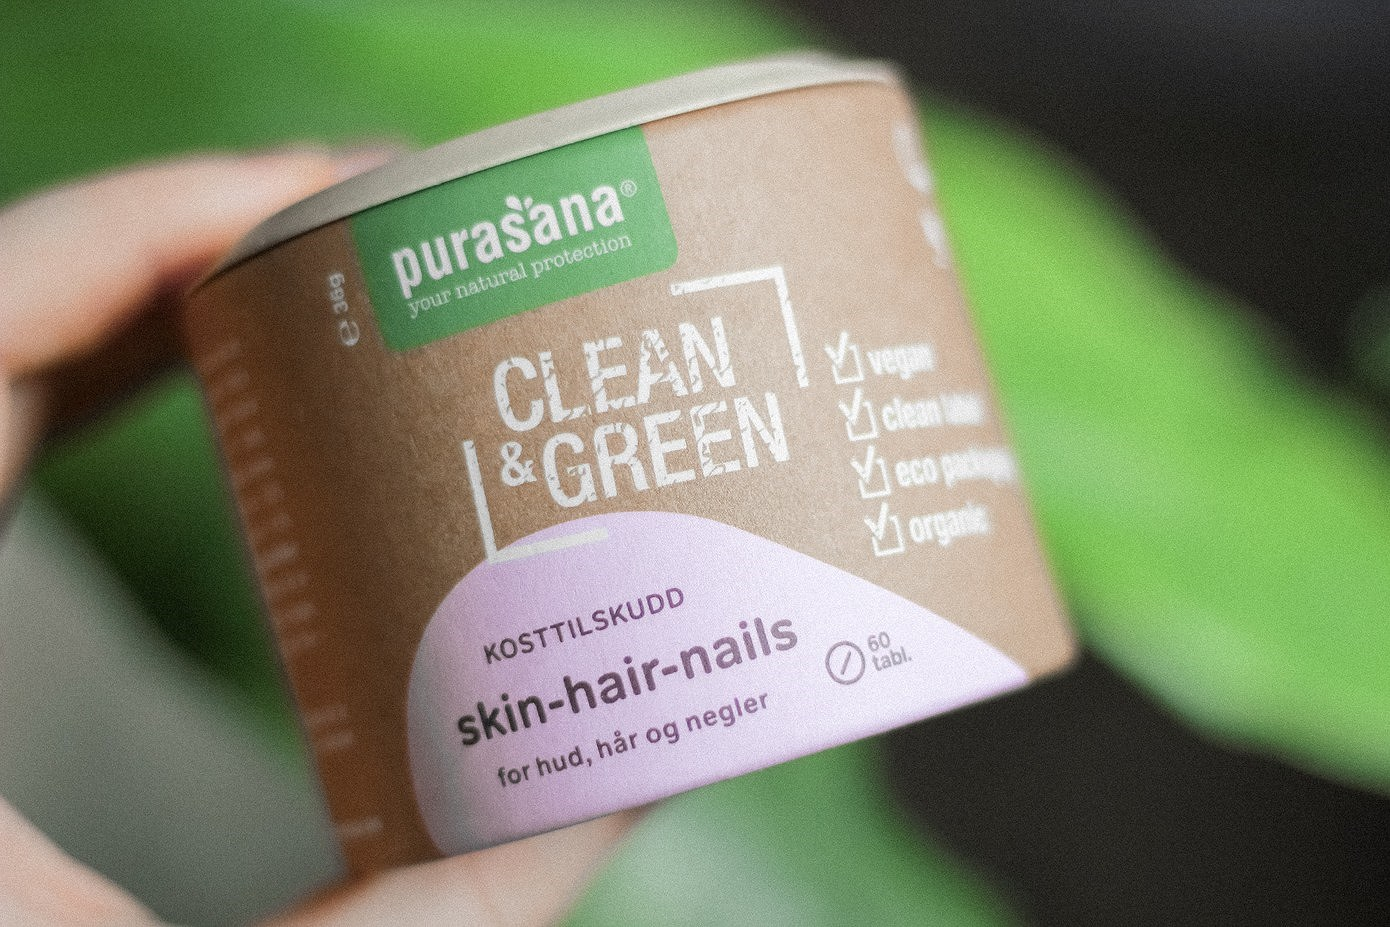 Økologisk kosttilskudd for hud, hår og negler